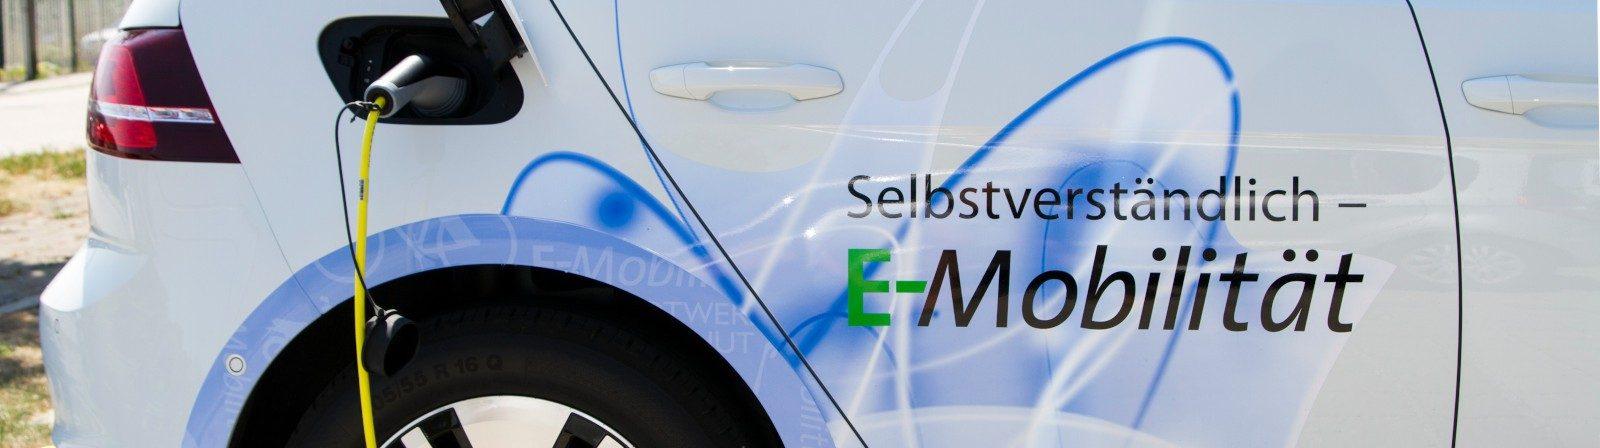 E-Auto an einer Stromtankstelle in Landshut